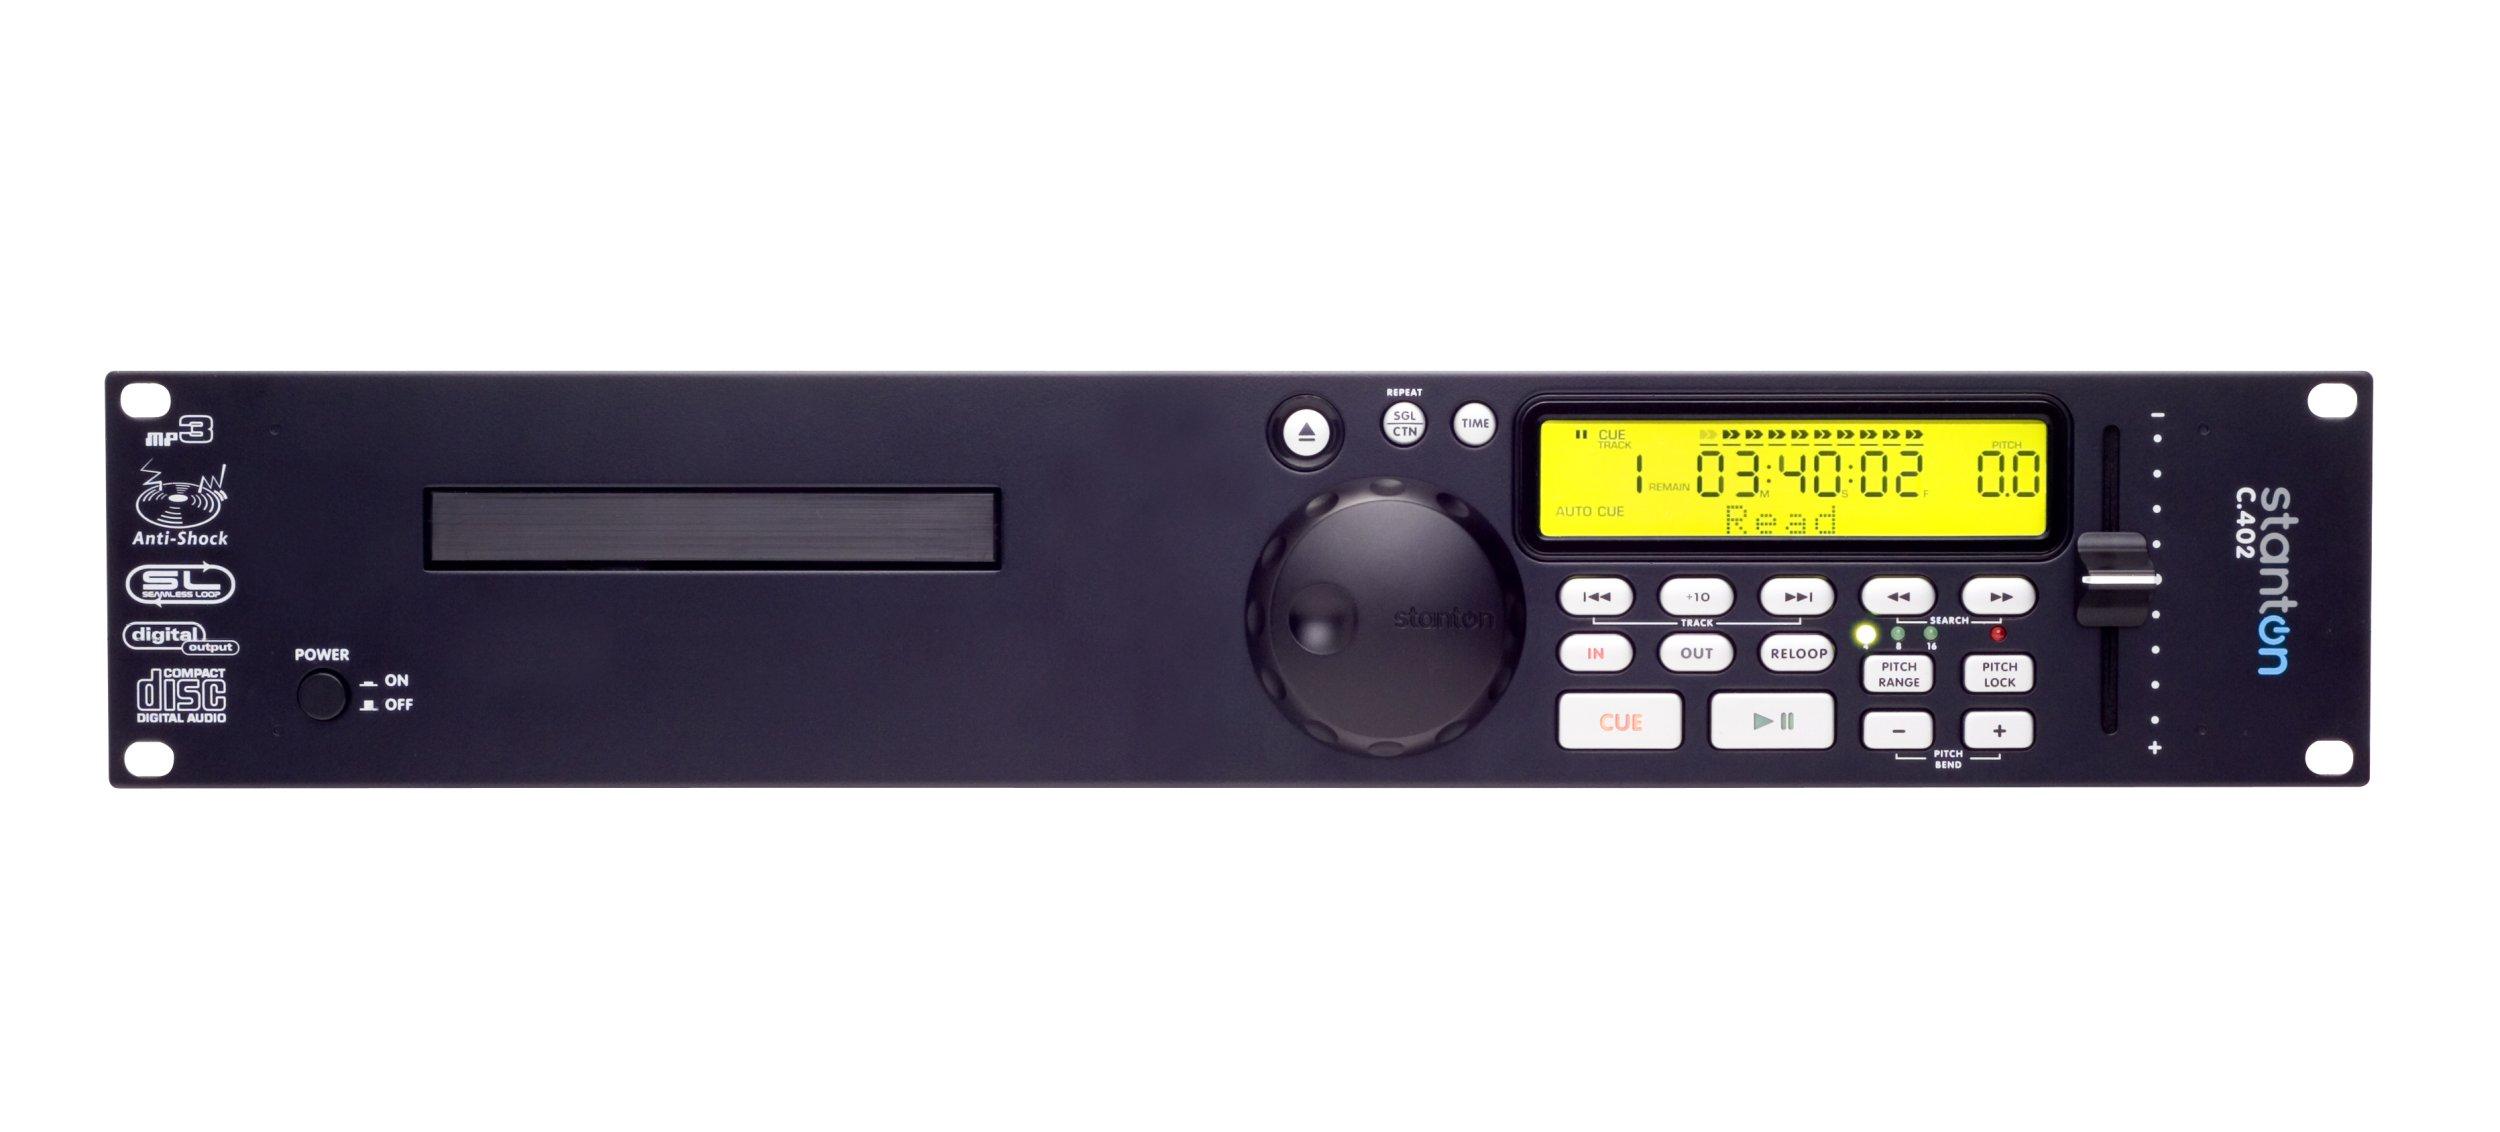 Stanton C402 Rackmountable DJ CD Player with MP3 Playback